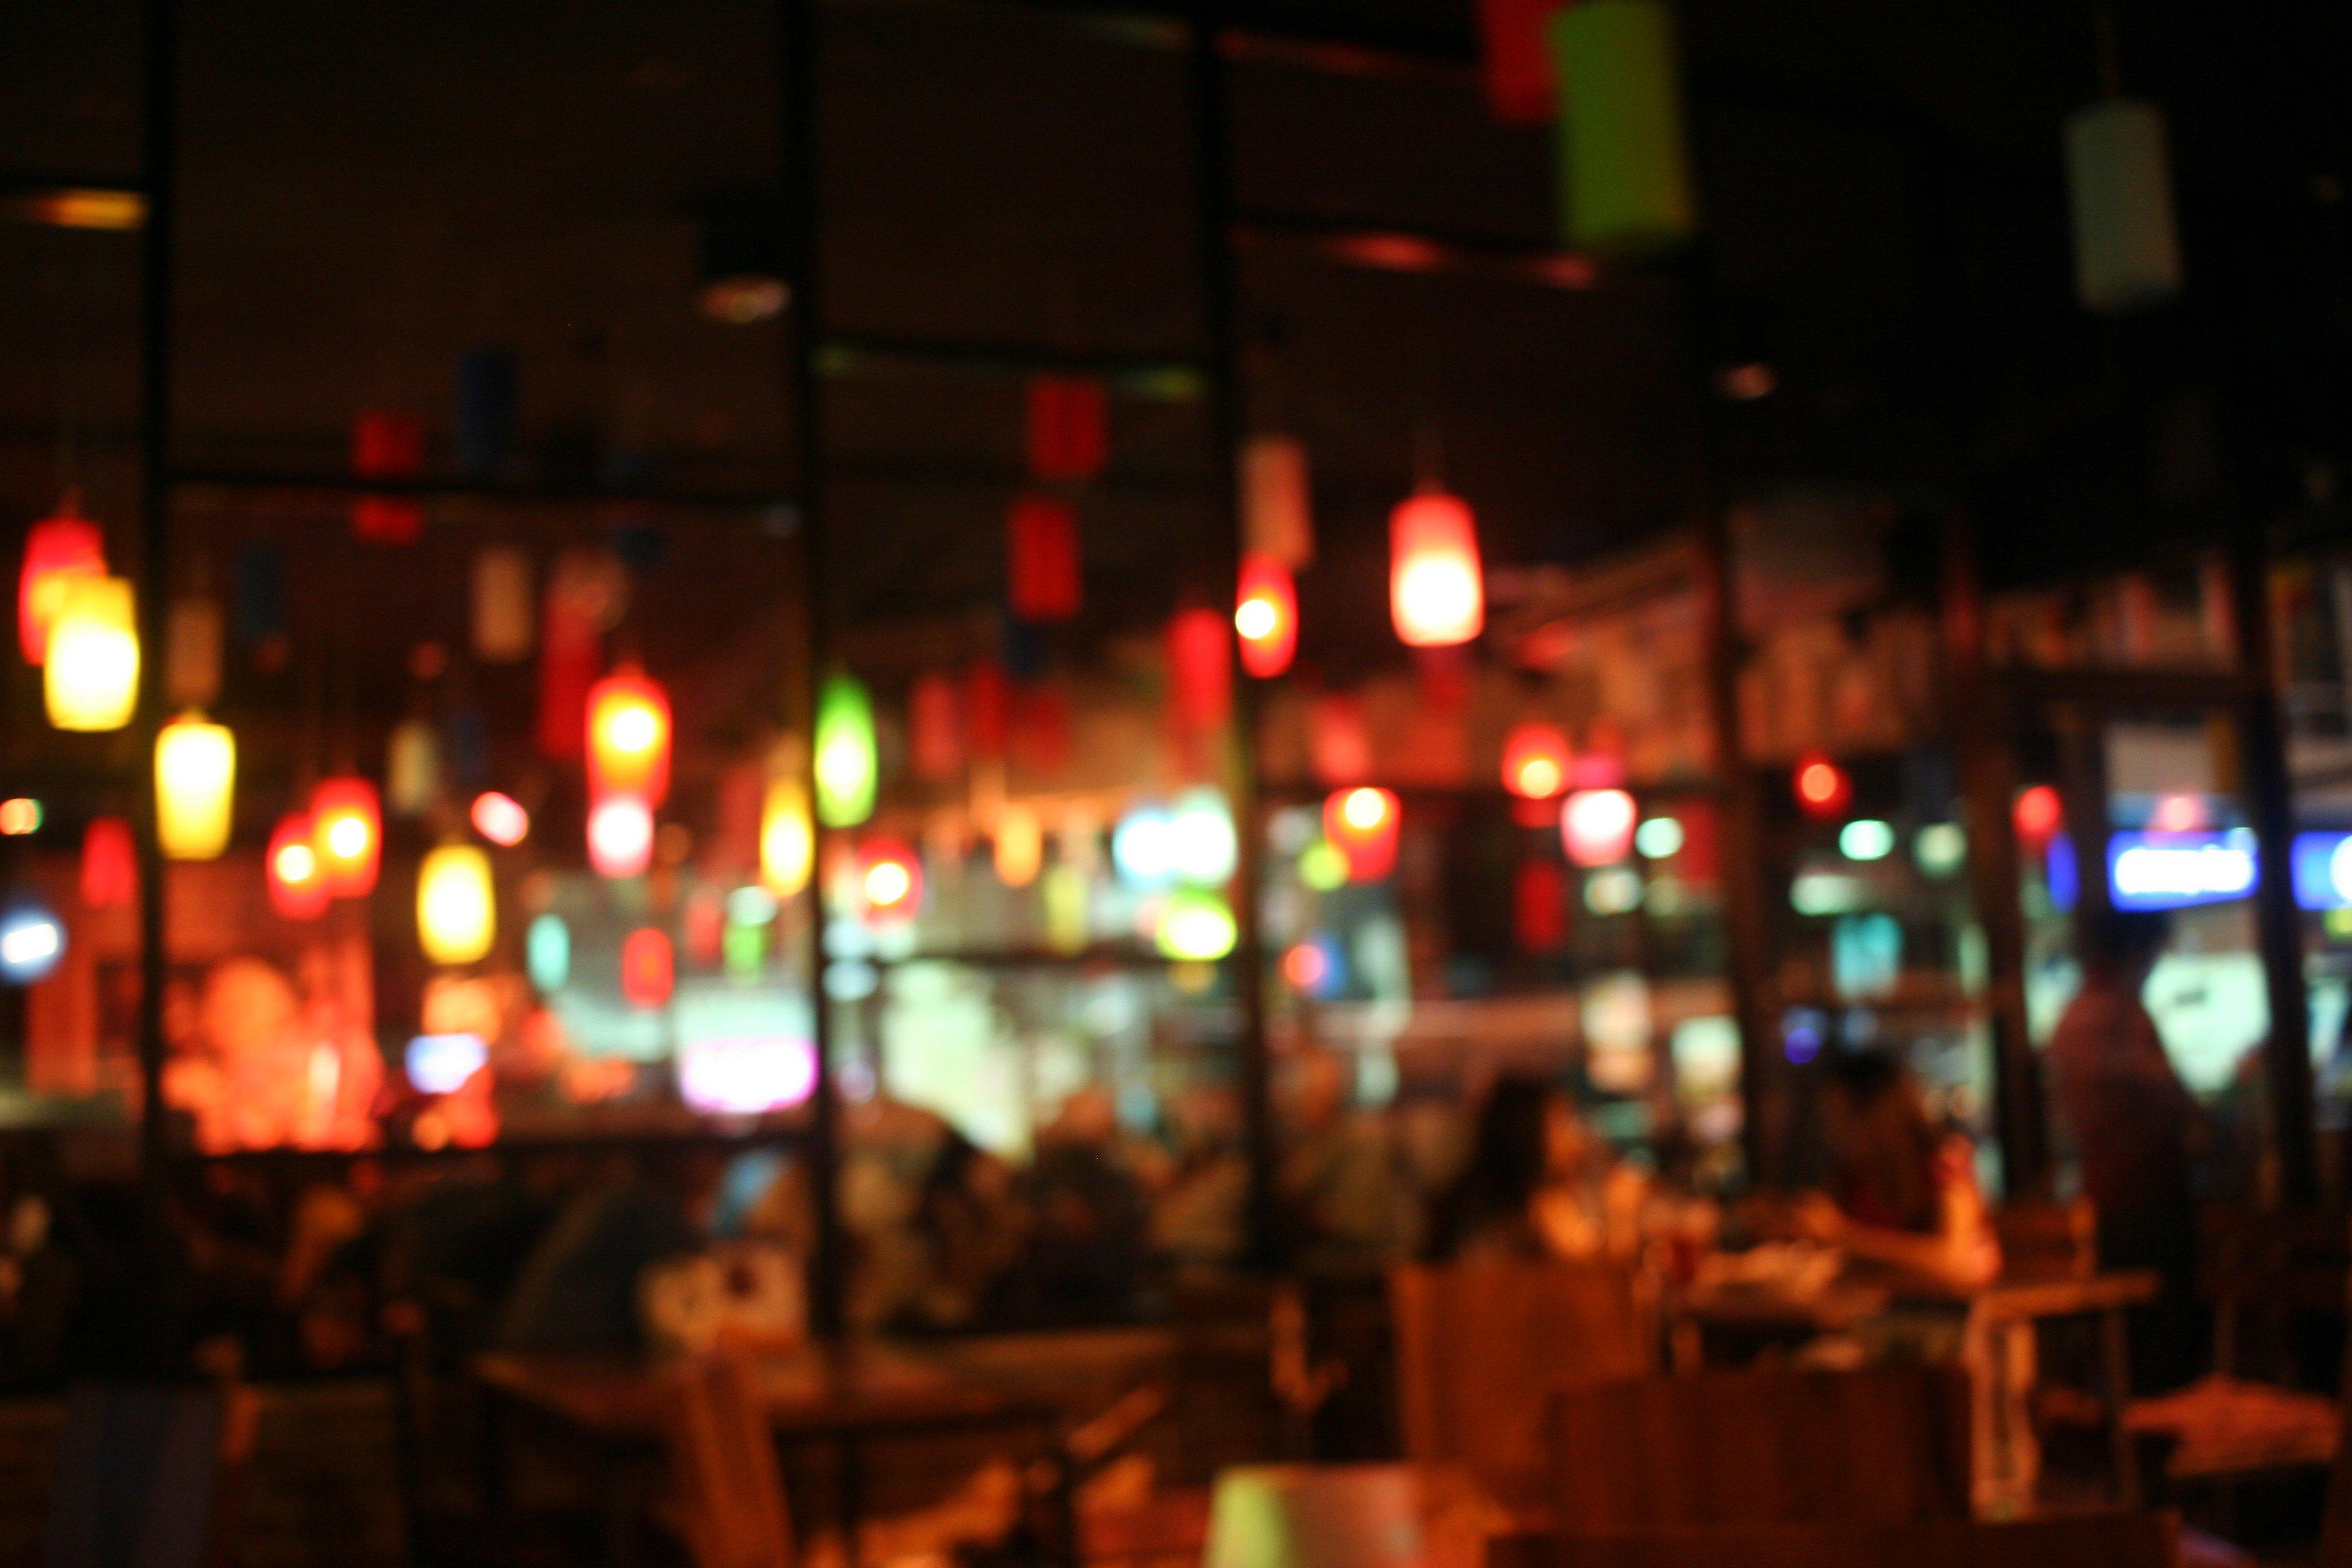 Blur Restaurant Background Abstract Photos Creative Market